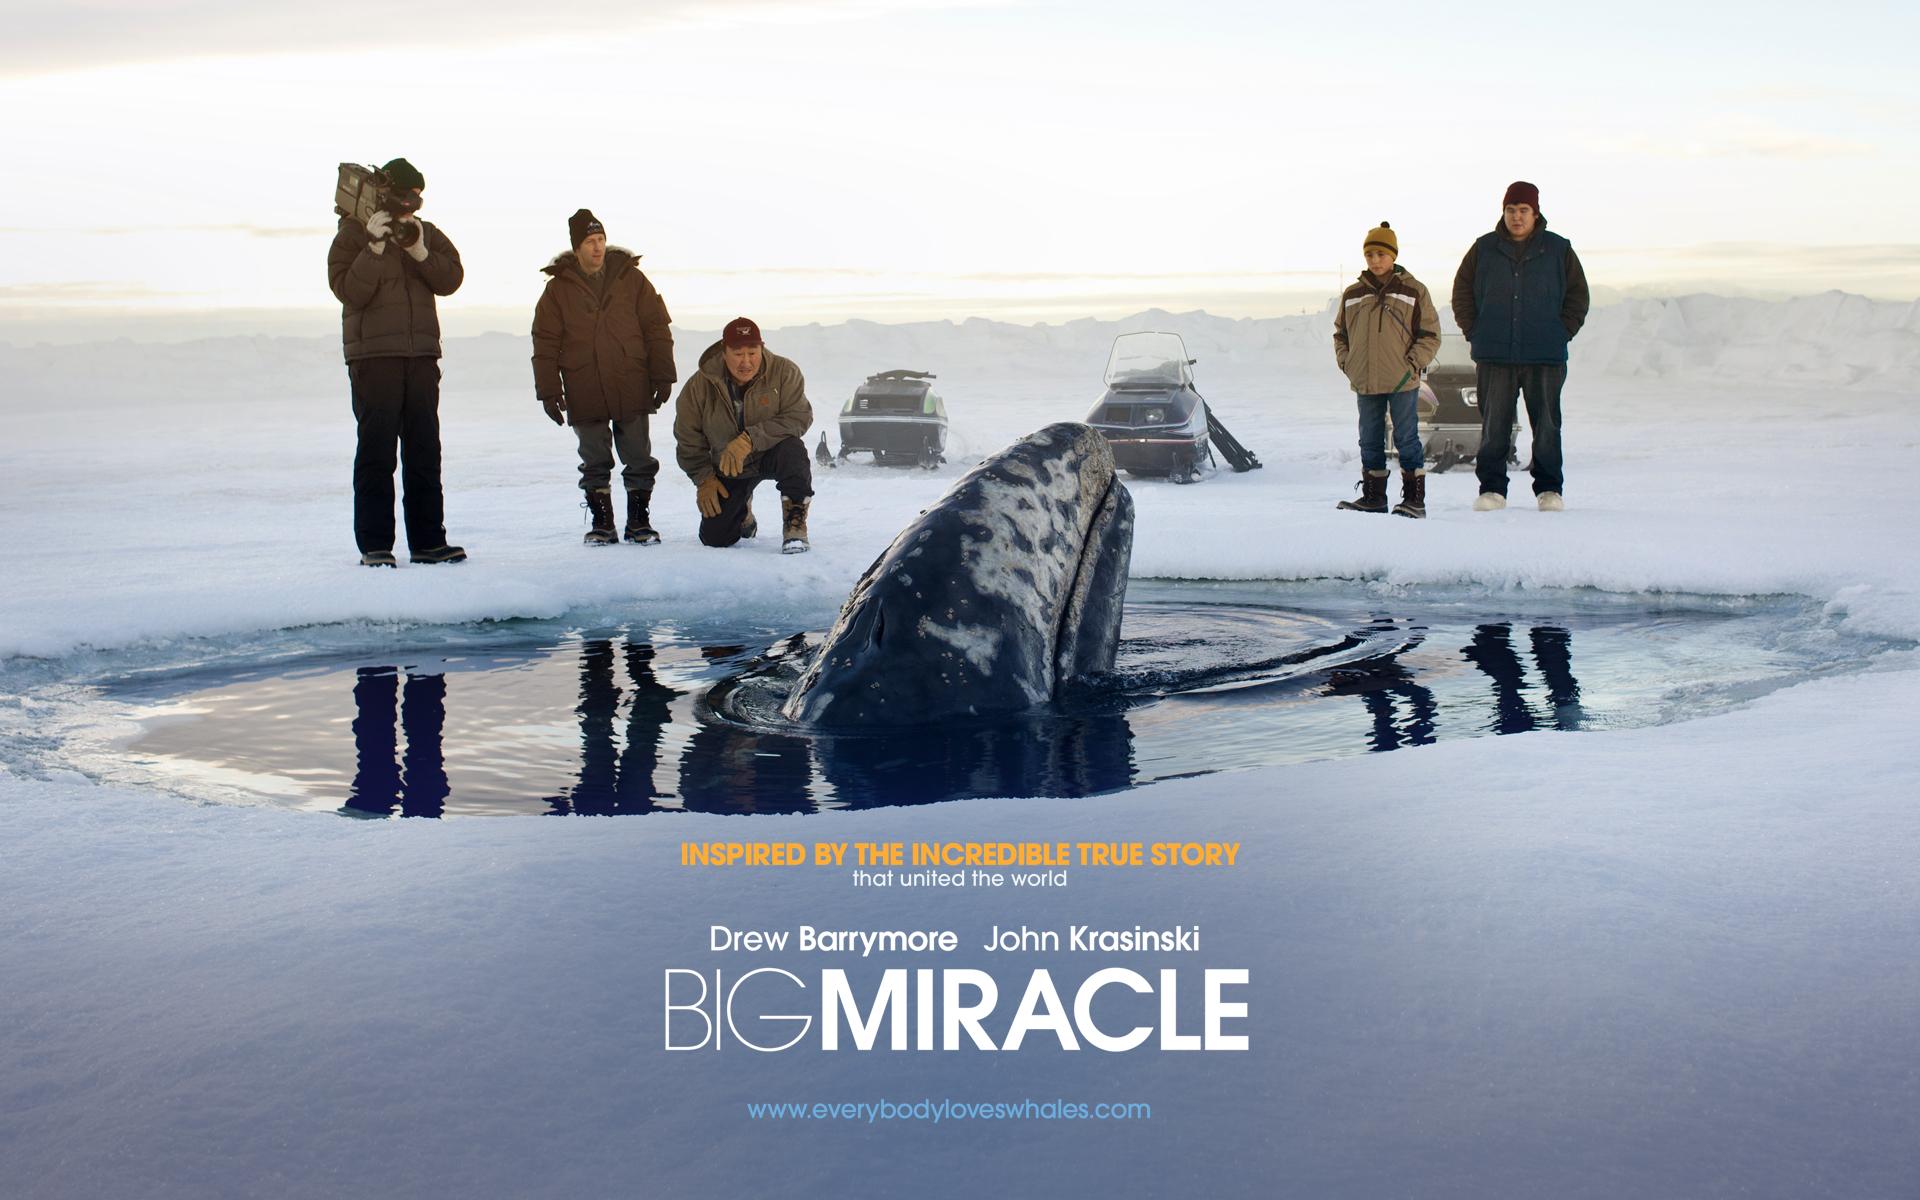 все любят китов смотреть онлайн в хорошем качестве